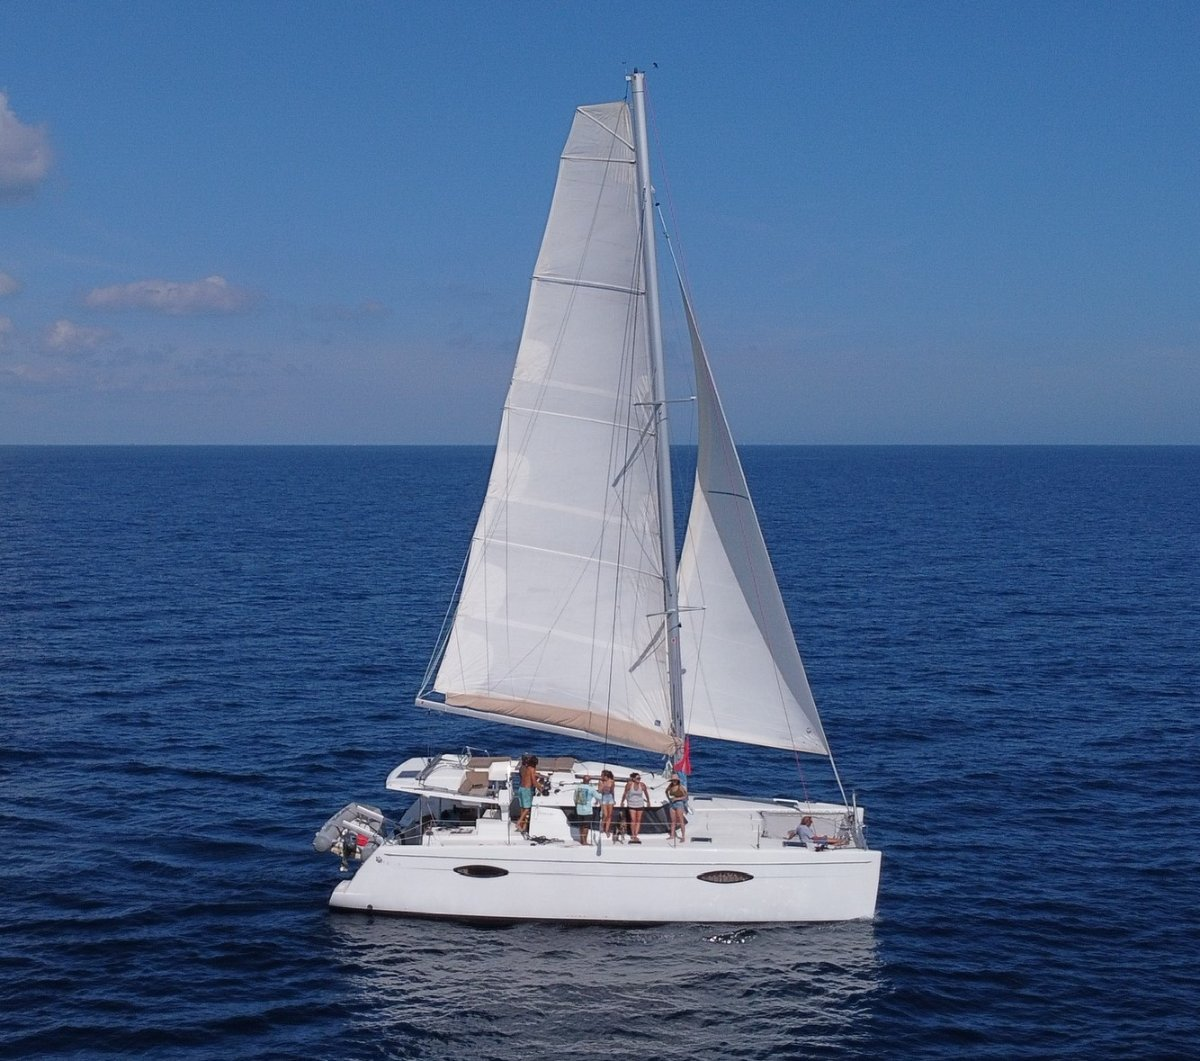 Fountaine Pajot Helia 44 - ready to sail away!